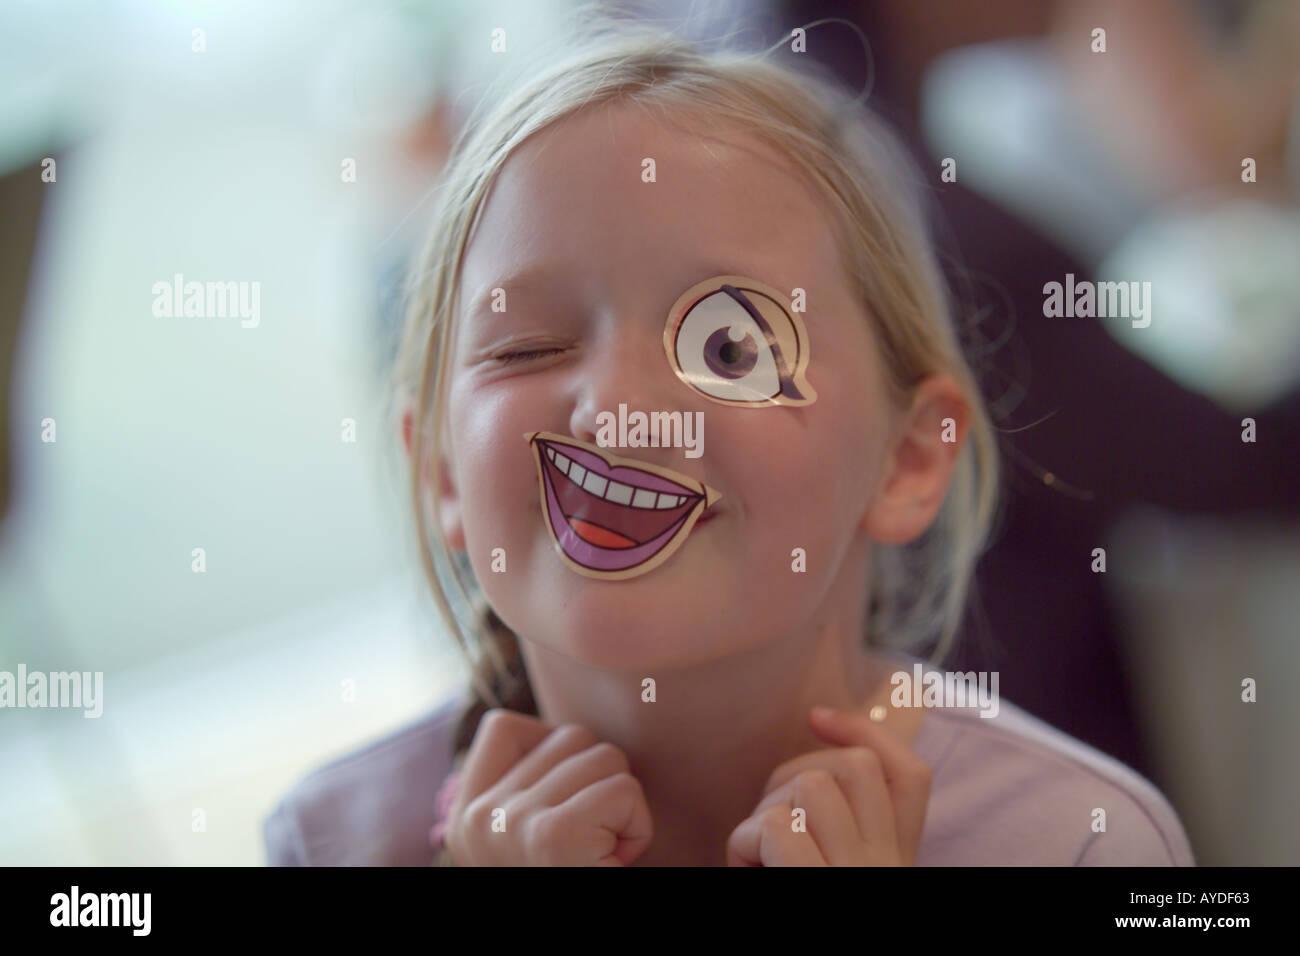 7 anno vecchia ragazza con bastone sulla bocca e degli occhi Immagini Stock